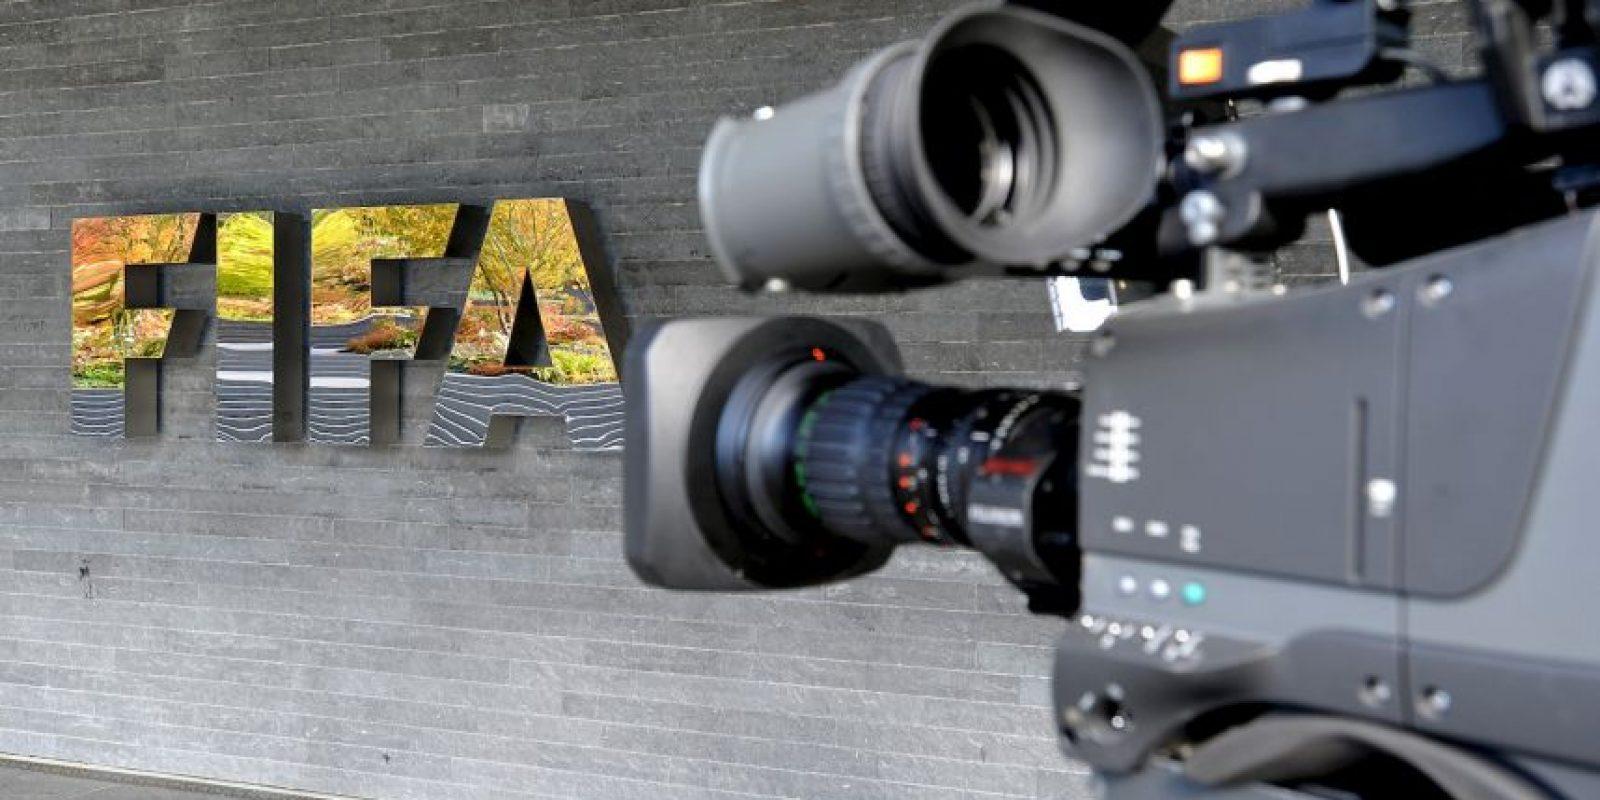 En los últimos años, la FIFA ha protagonizado grandes escándalos motivados por acusaciones de corrupción y negocios turbios en varios de los eventos que organiza. Foto:Getty Images